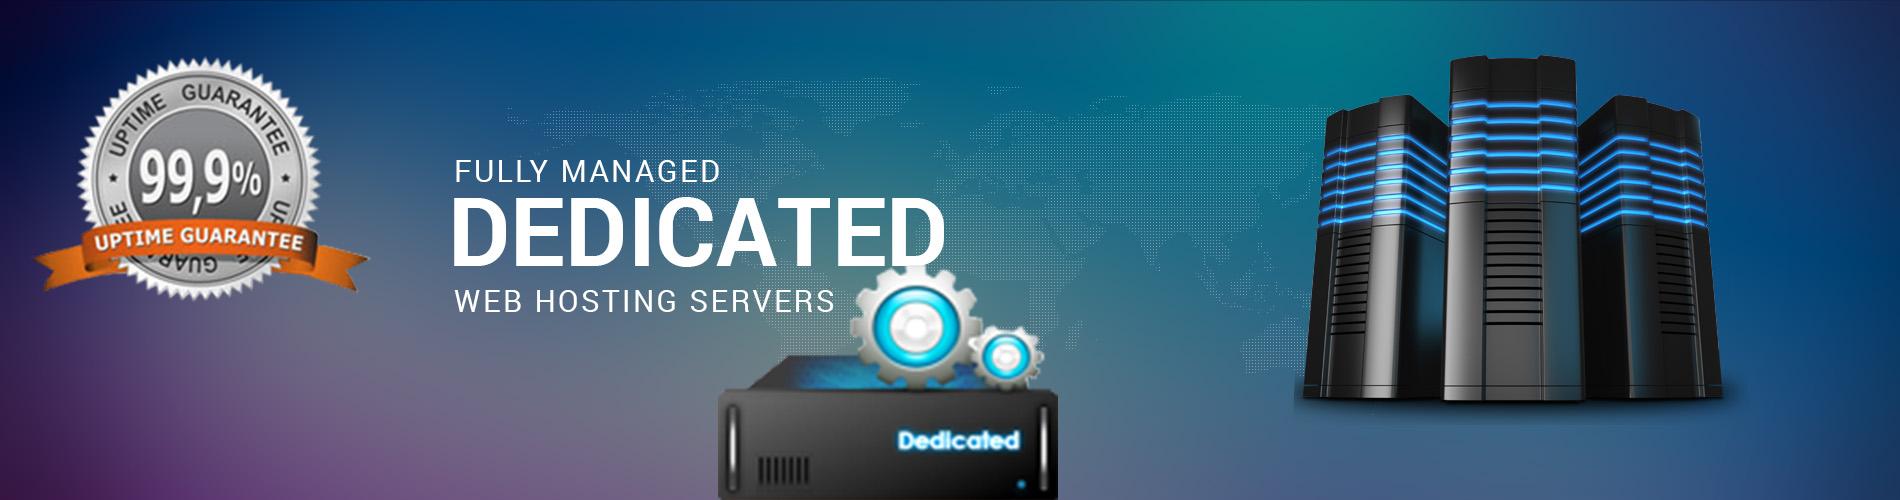 scamper-vision-techlab-web-hosting